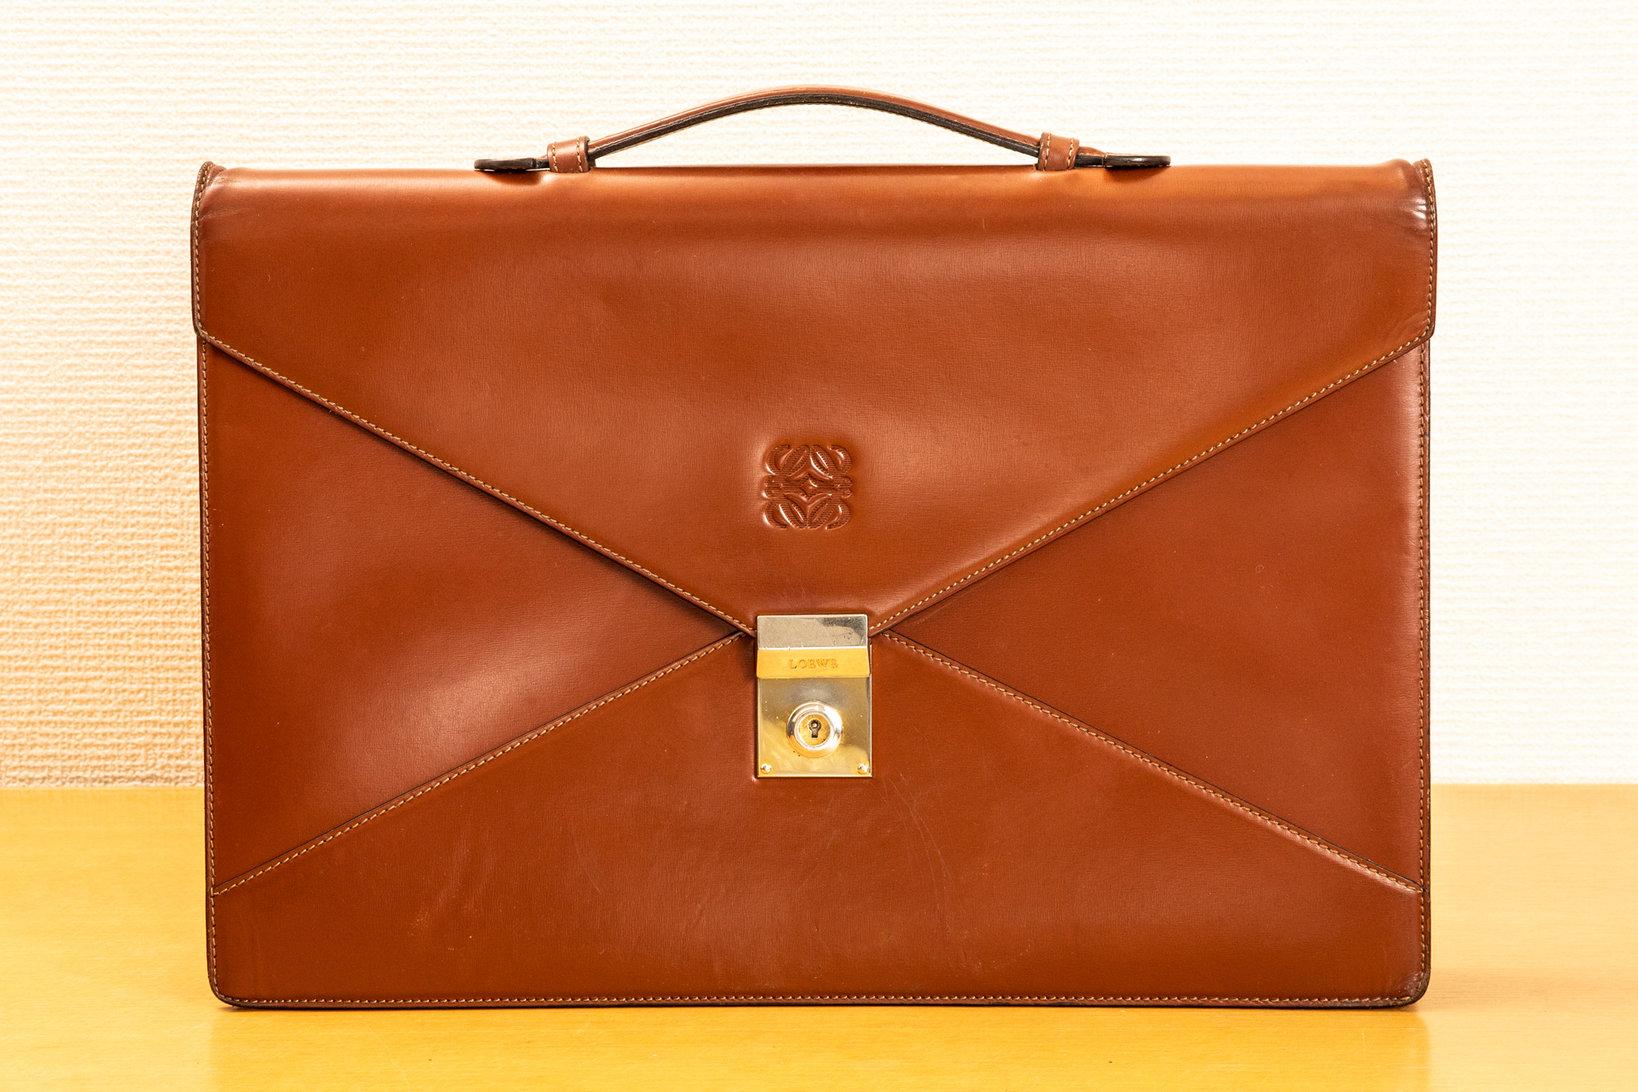 ロエベのブリーフケース。「定期入れとか、名刺入れはずっとロエベを使っていました。鞄も昔からほしかったんです」と倉野さん。